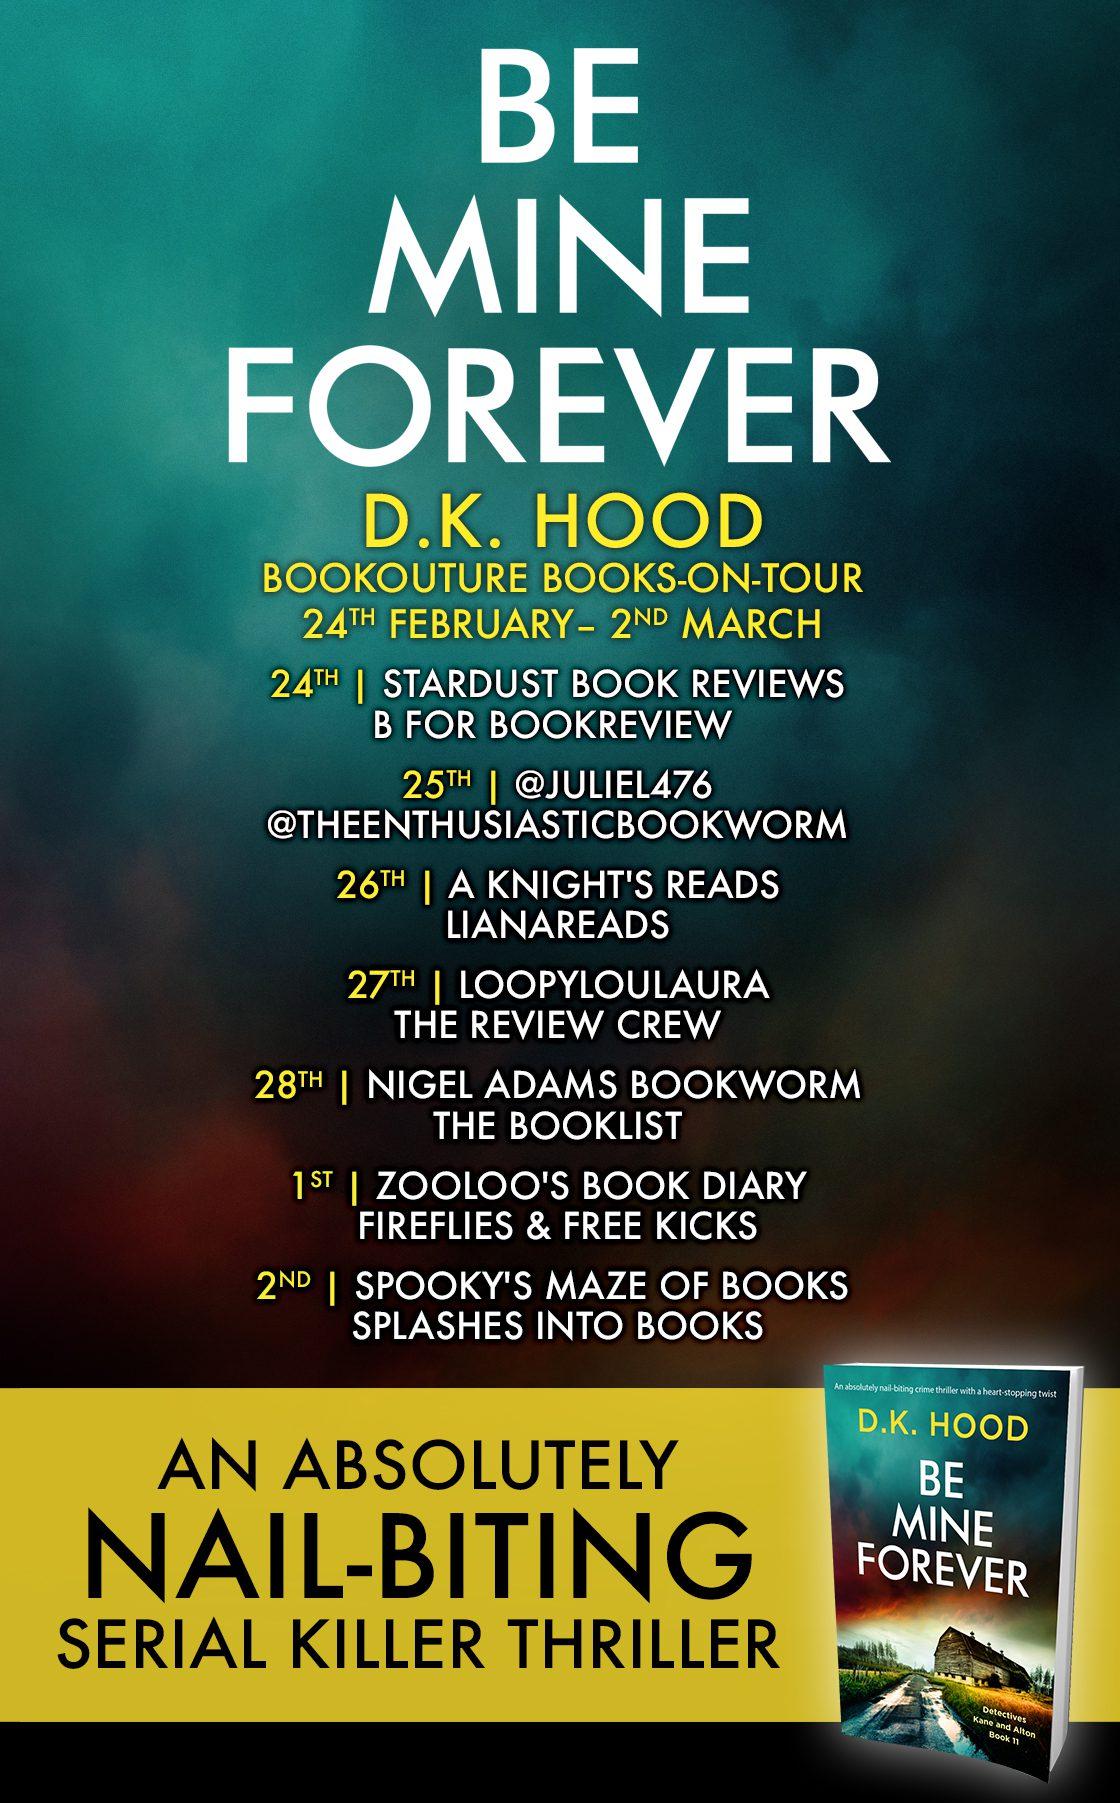 Be Mine Forever blot tour banner